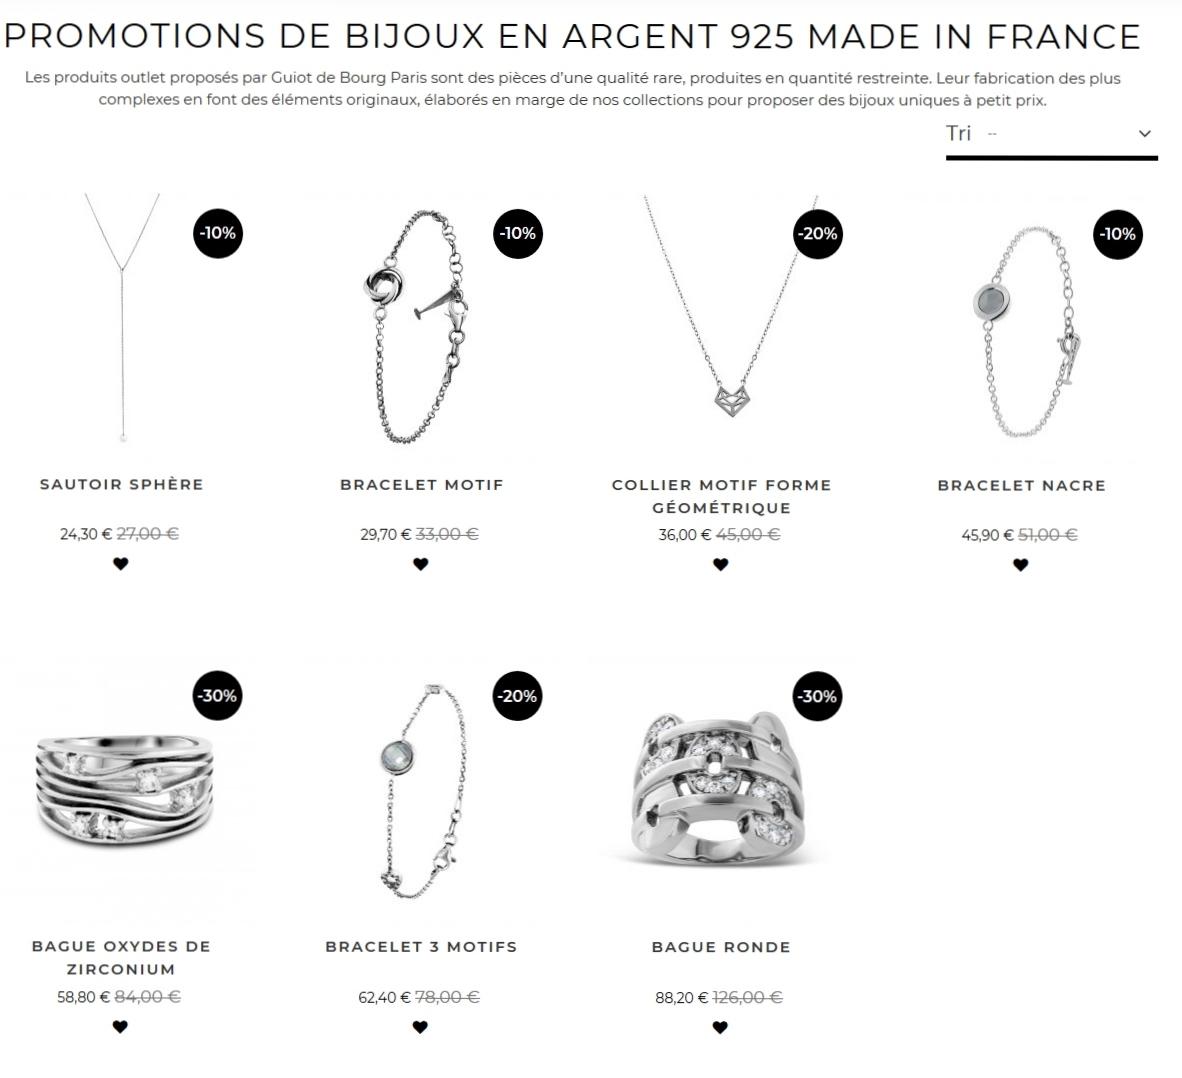 promotions bijoux argent Guiot de Bourg